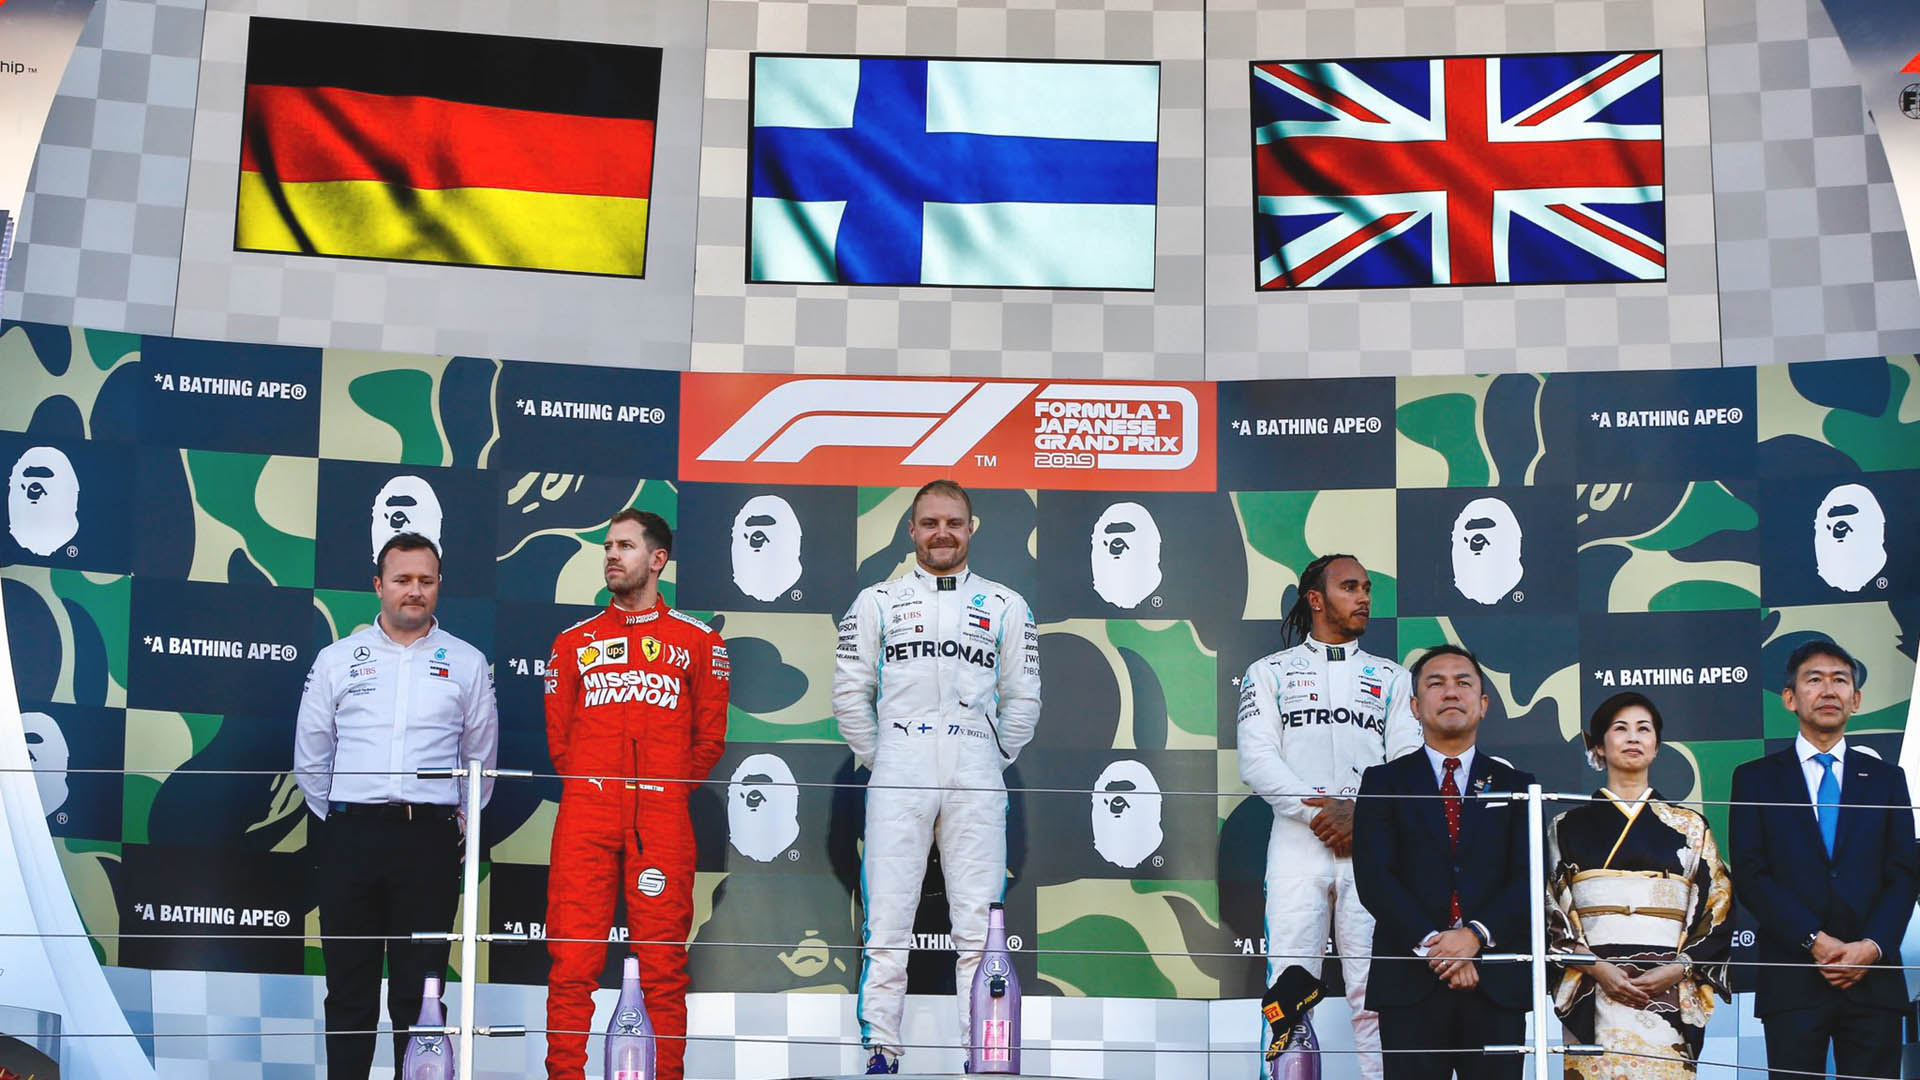 GP de Japón: Bottas vence y Mercedes gana el campeonato de constructores